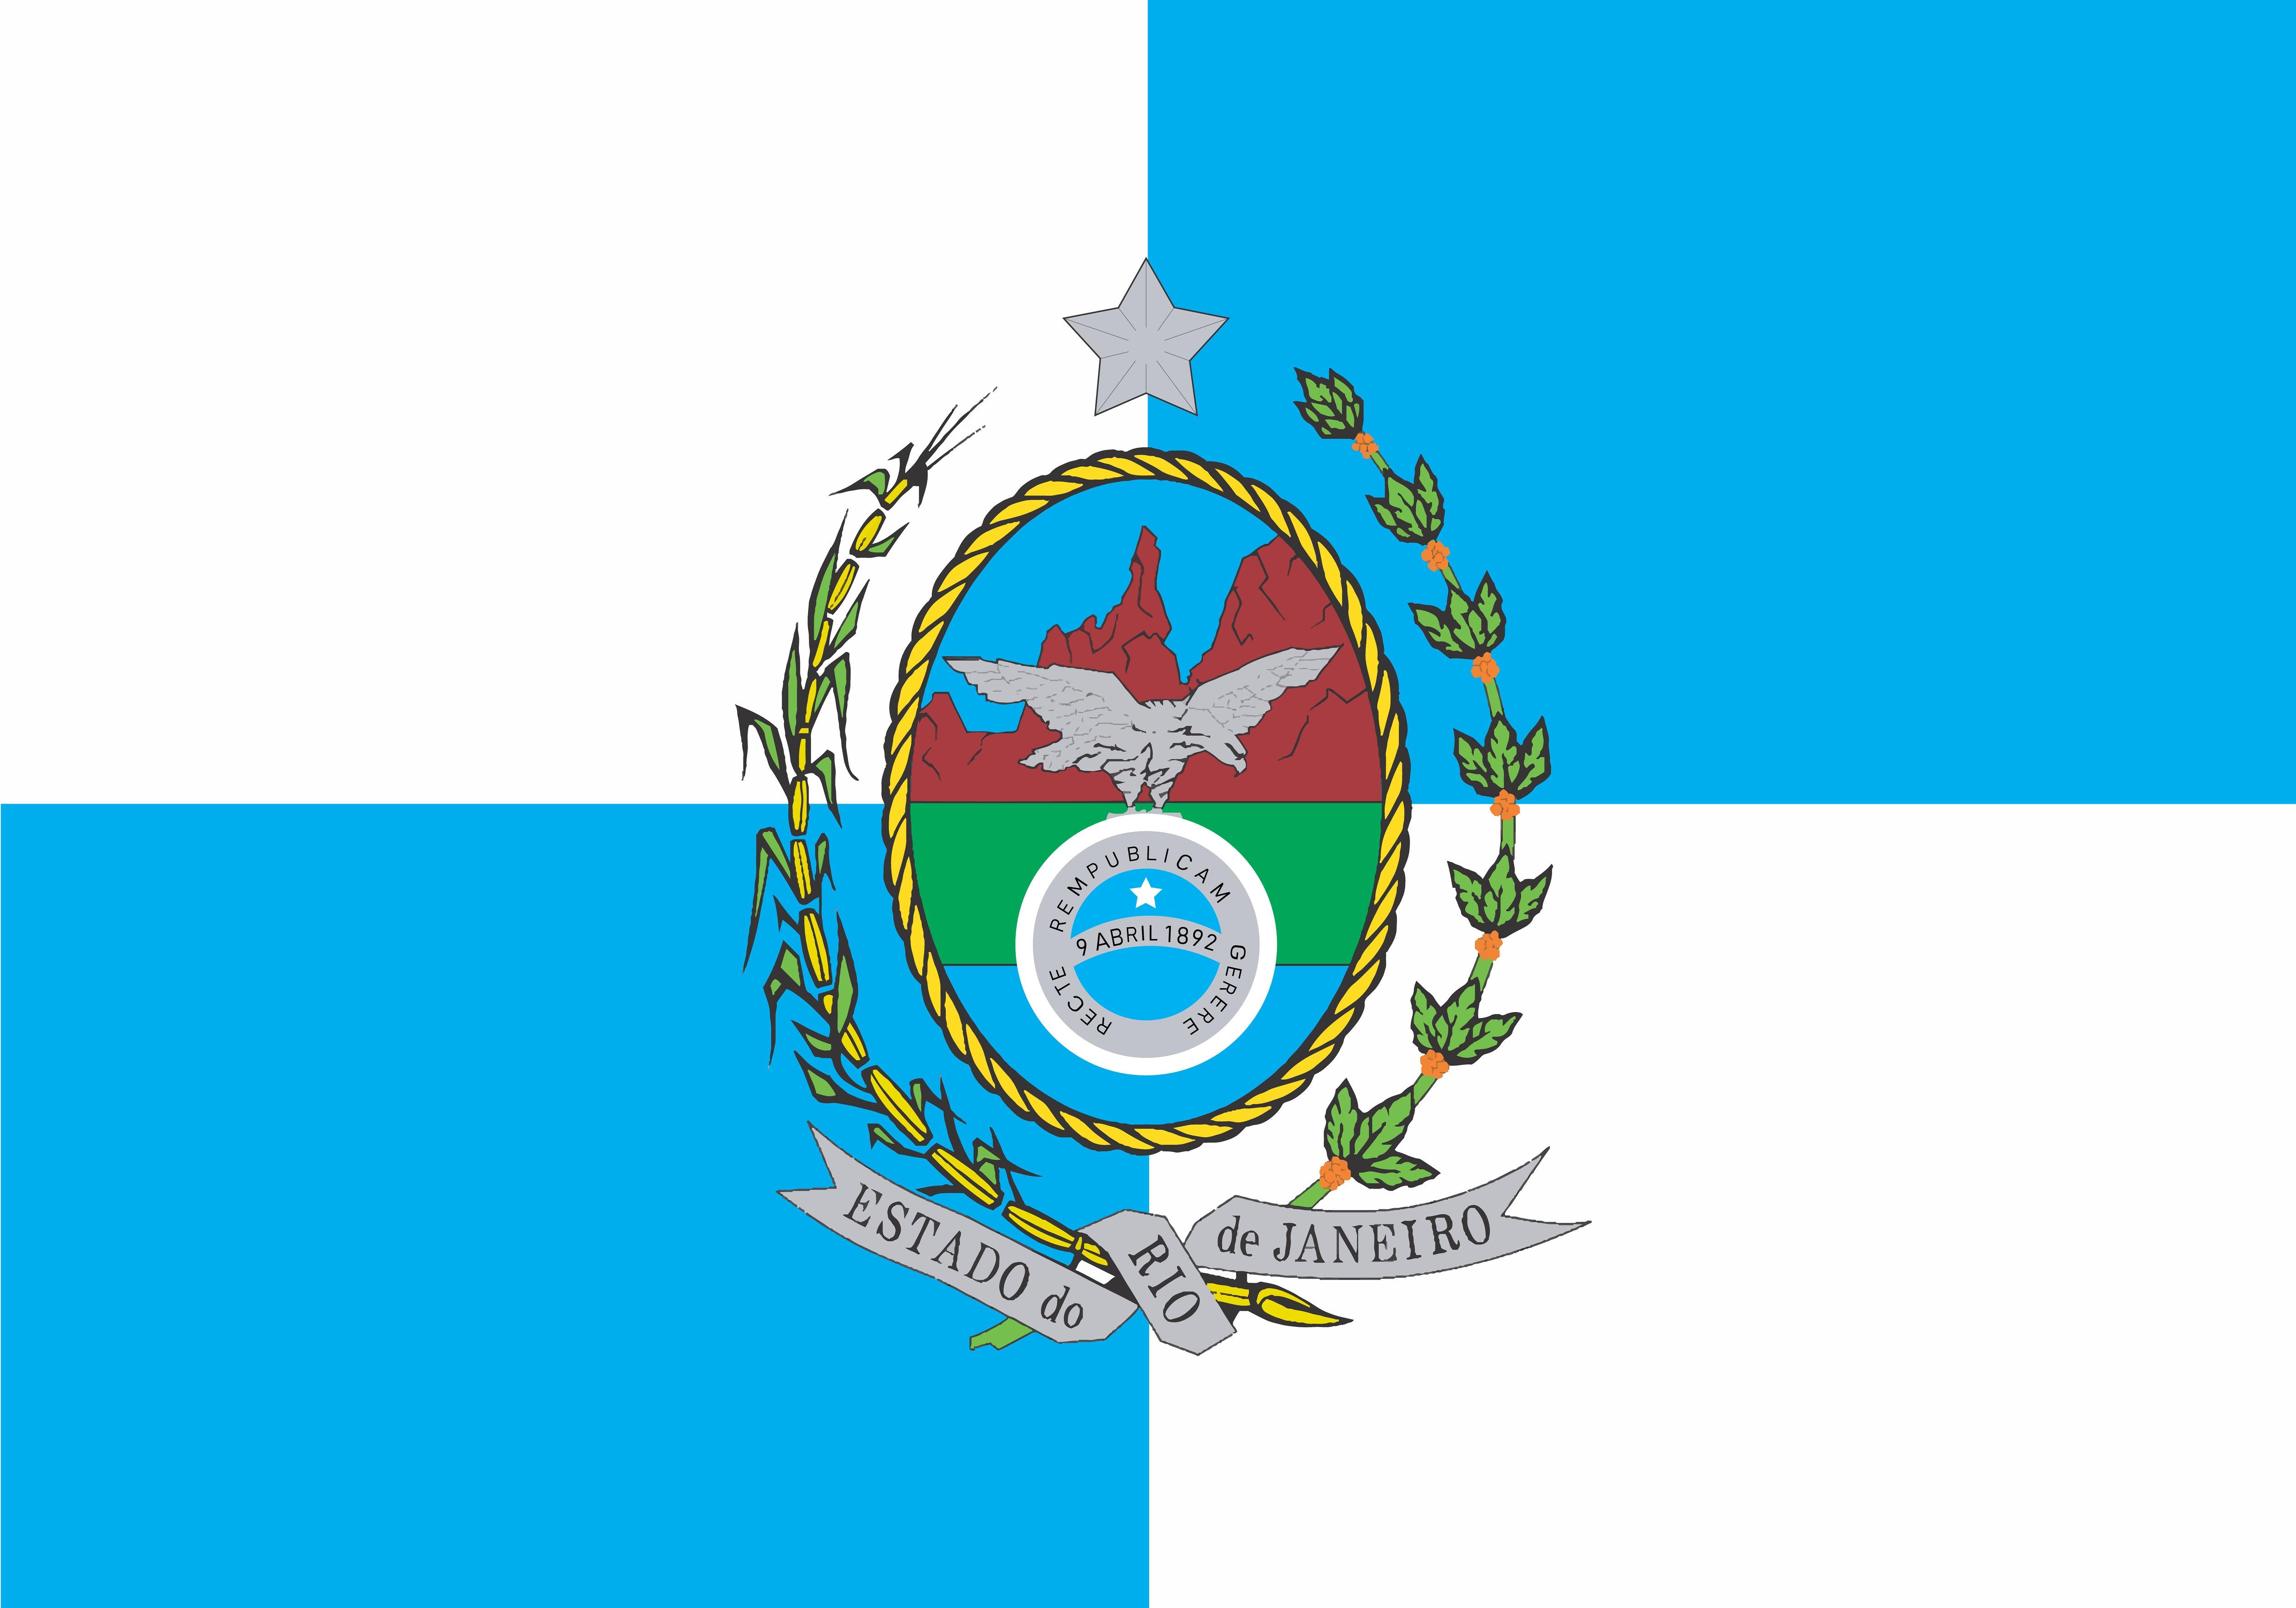 Bandeira do estado do Rio de Janeiro